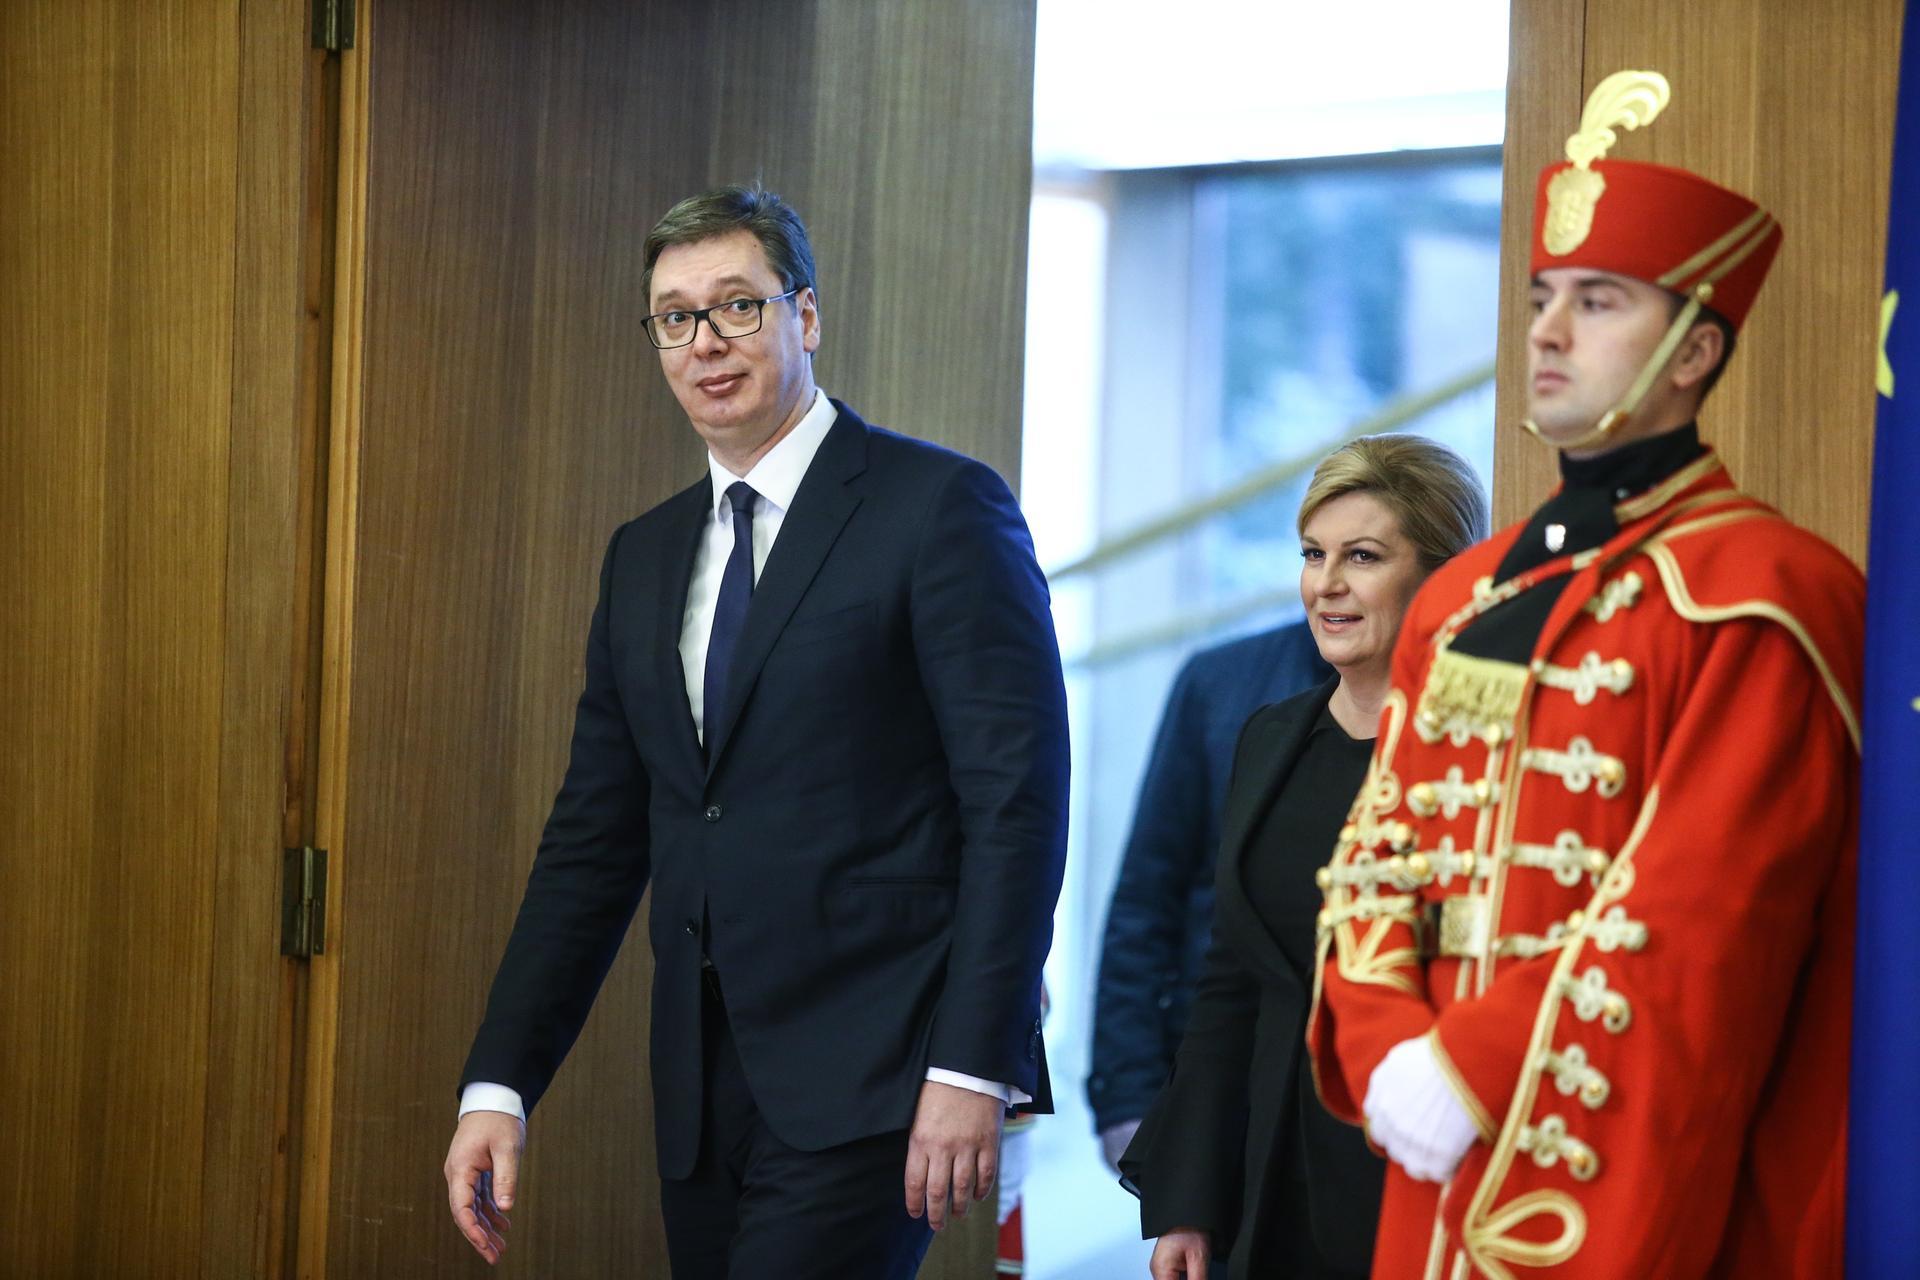 Grabar Kitarović: Složili smo se oko nekoliko otvorenih pitanja; Vučić: Čestitam vam na hrabrosti što ste me pozvali